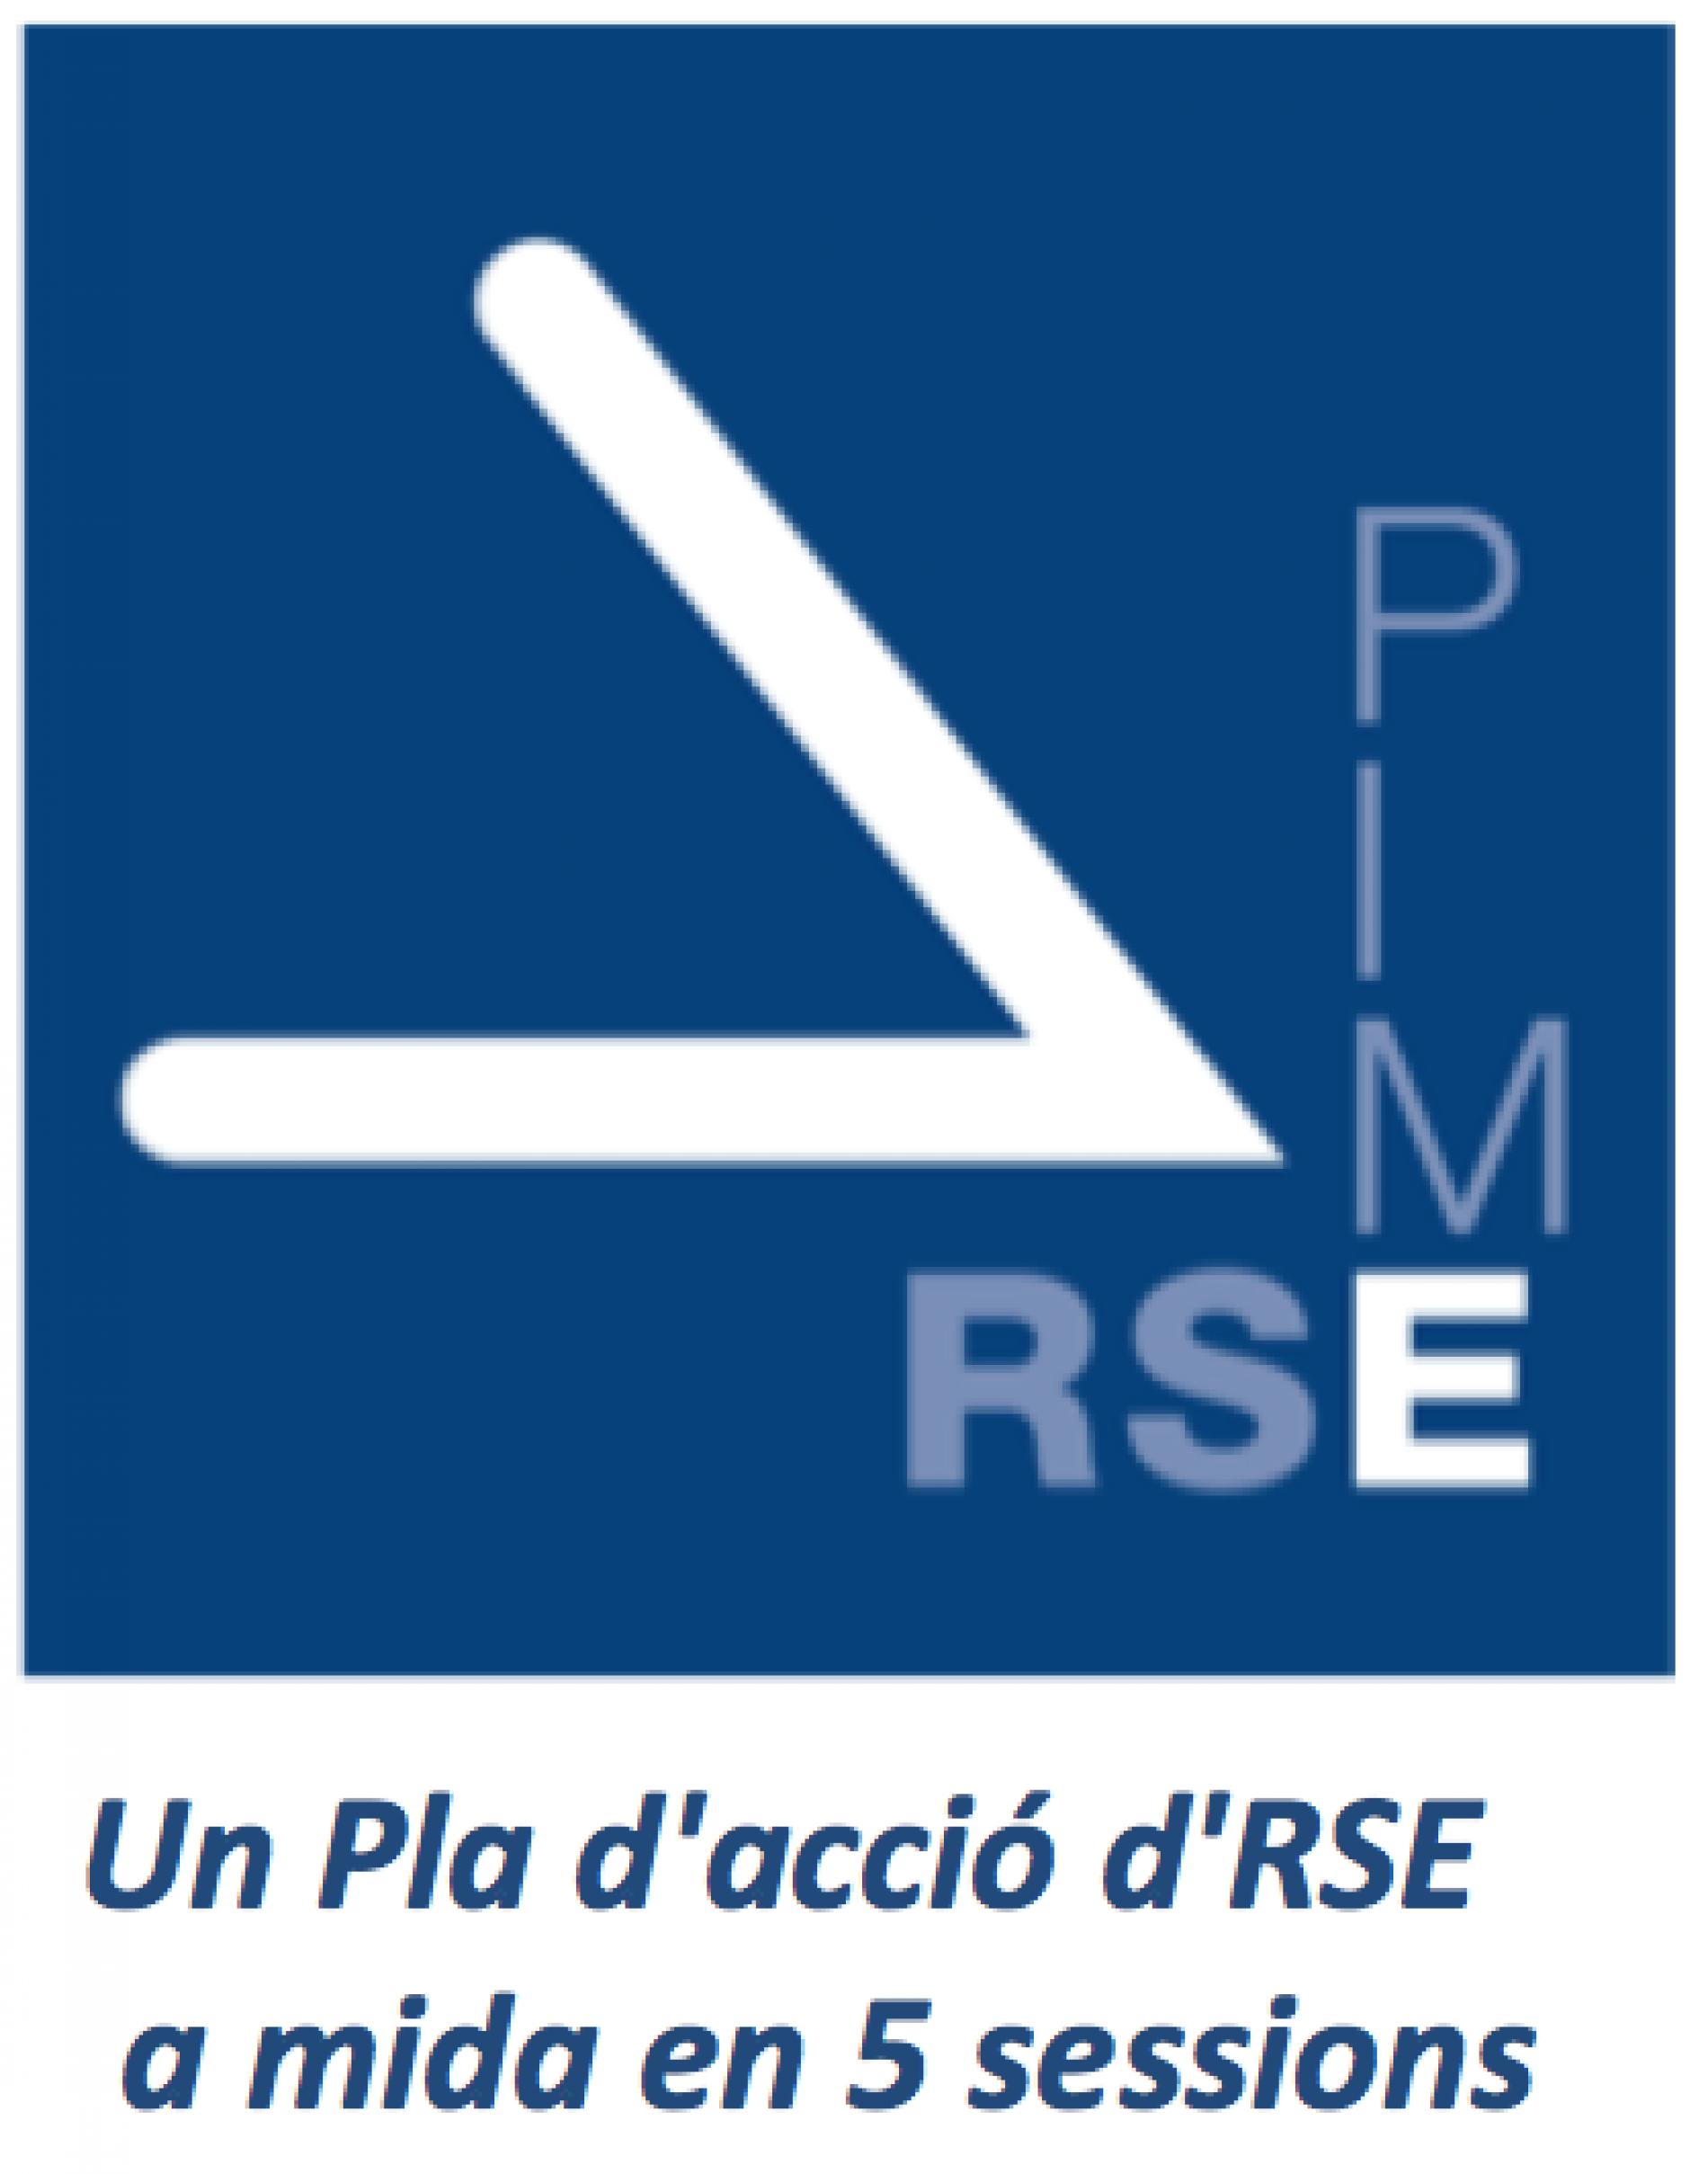 RSE.Pime, un pla d'acció d'RSE a mida per a cada empresa